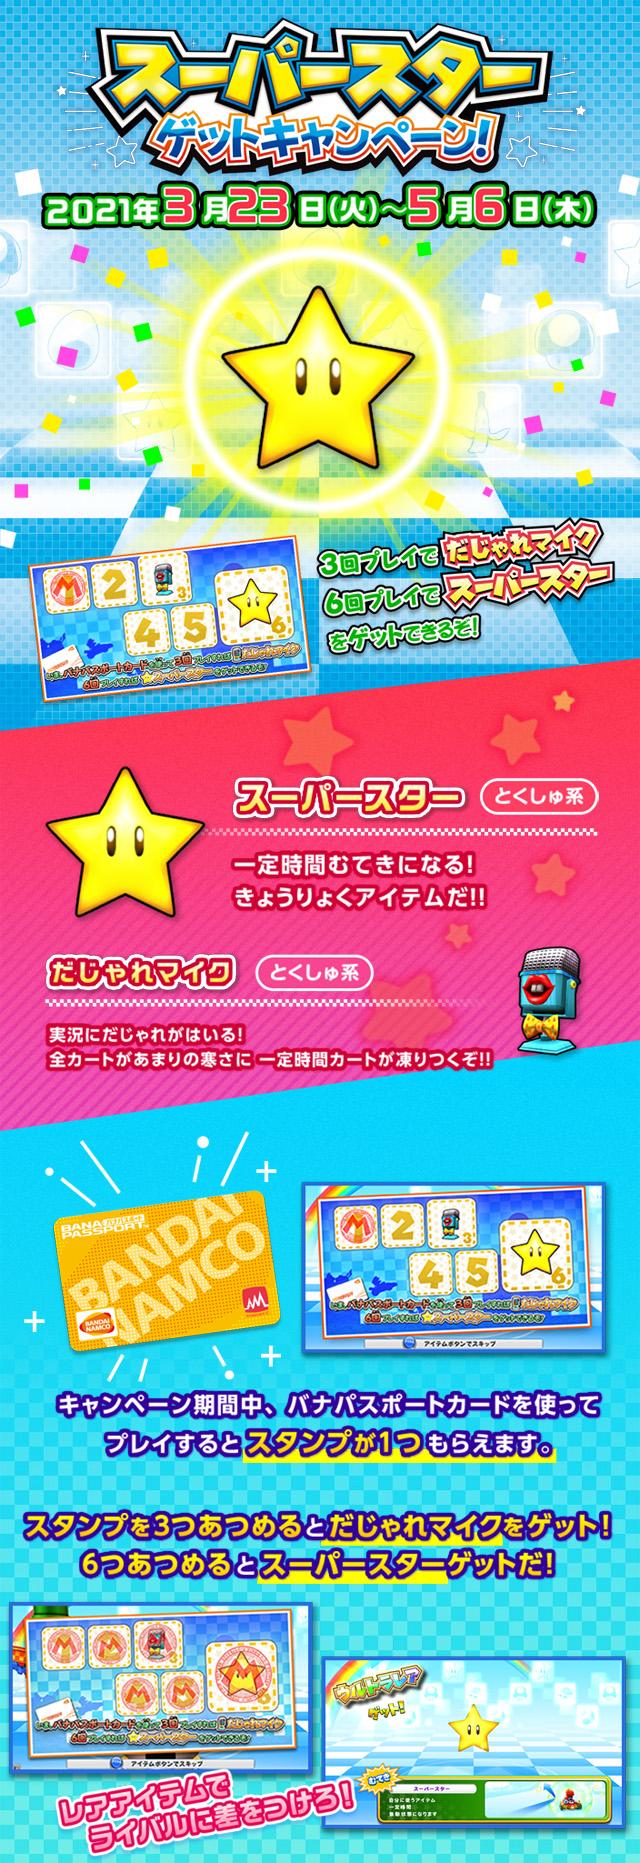 Mario Kart Arcade GP DX - Page 2 Mdx_77